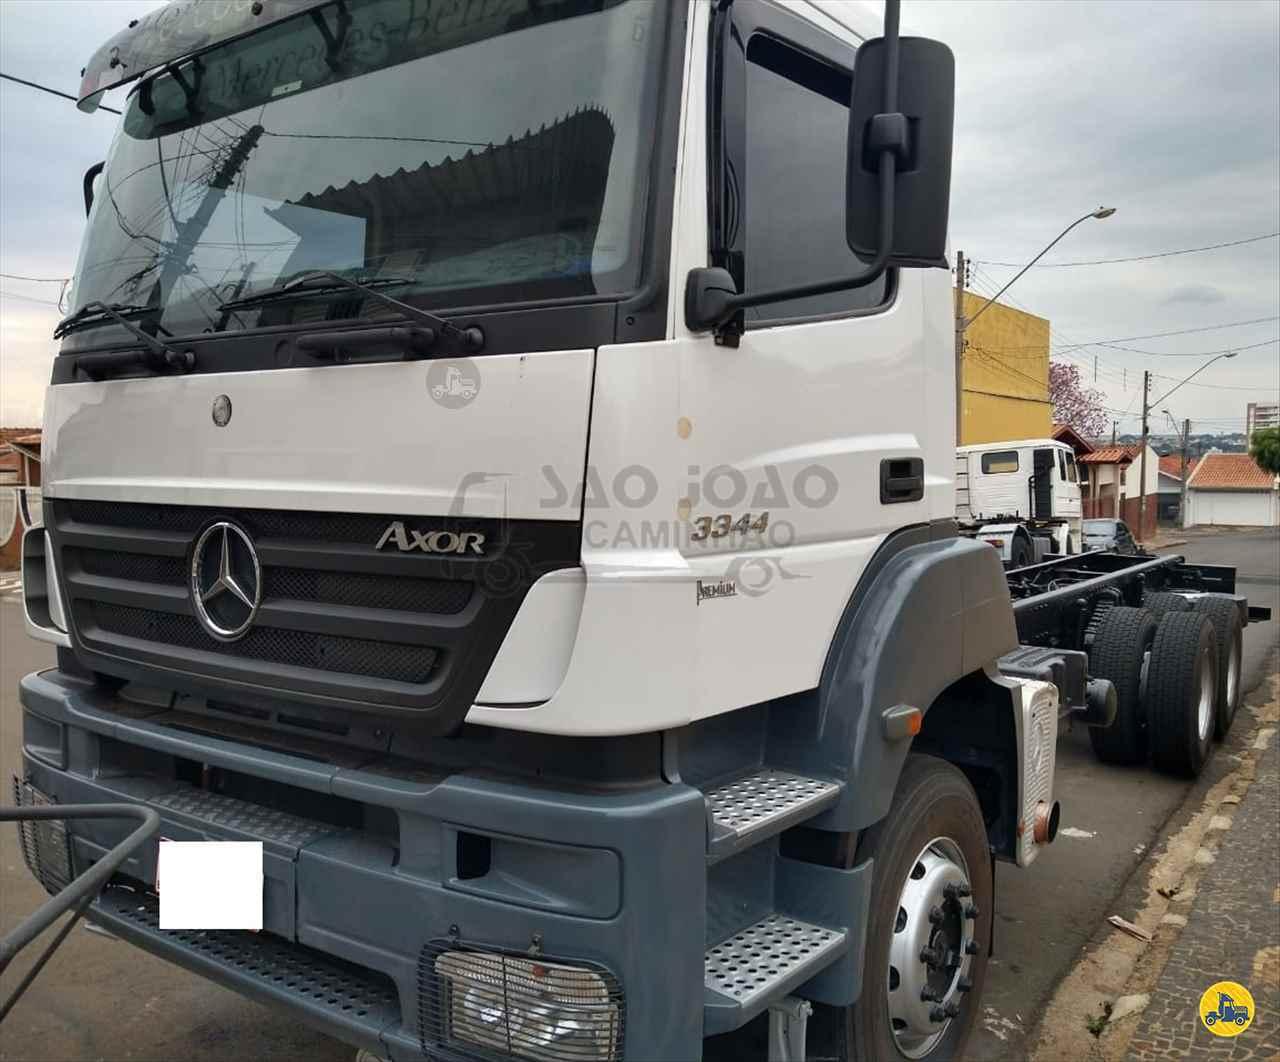 CAMINHAO MERCEDES-BENZ MB 3344 Chassis Traçado 6x4 São João Caminhão SAO JOAO DA BOA VISTA SÃO PAULO SP